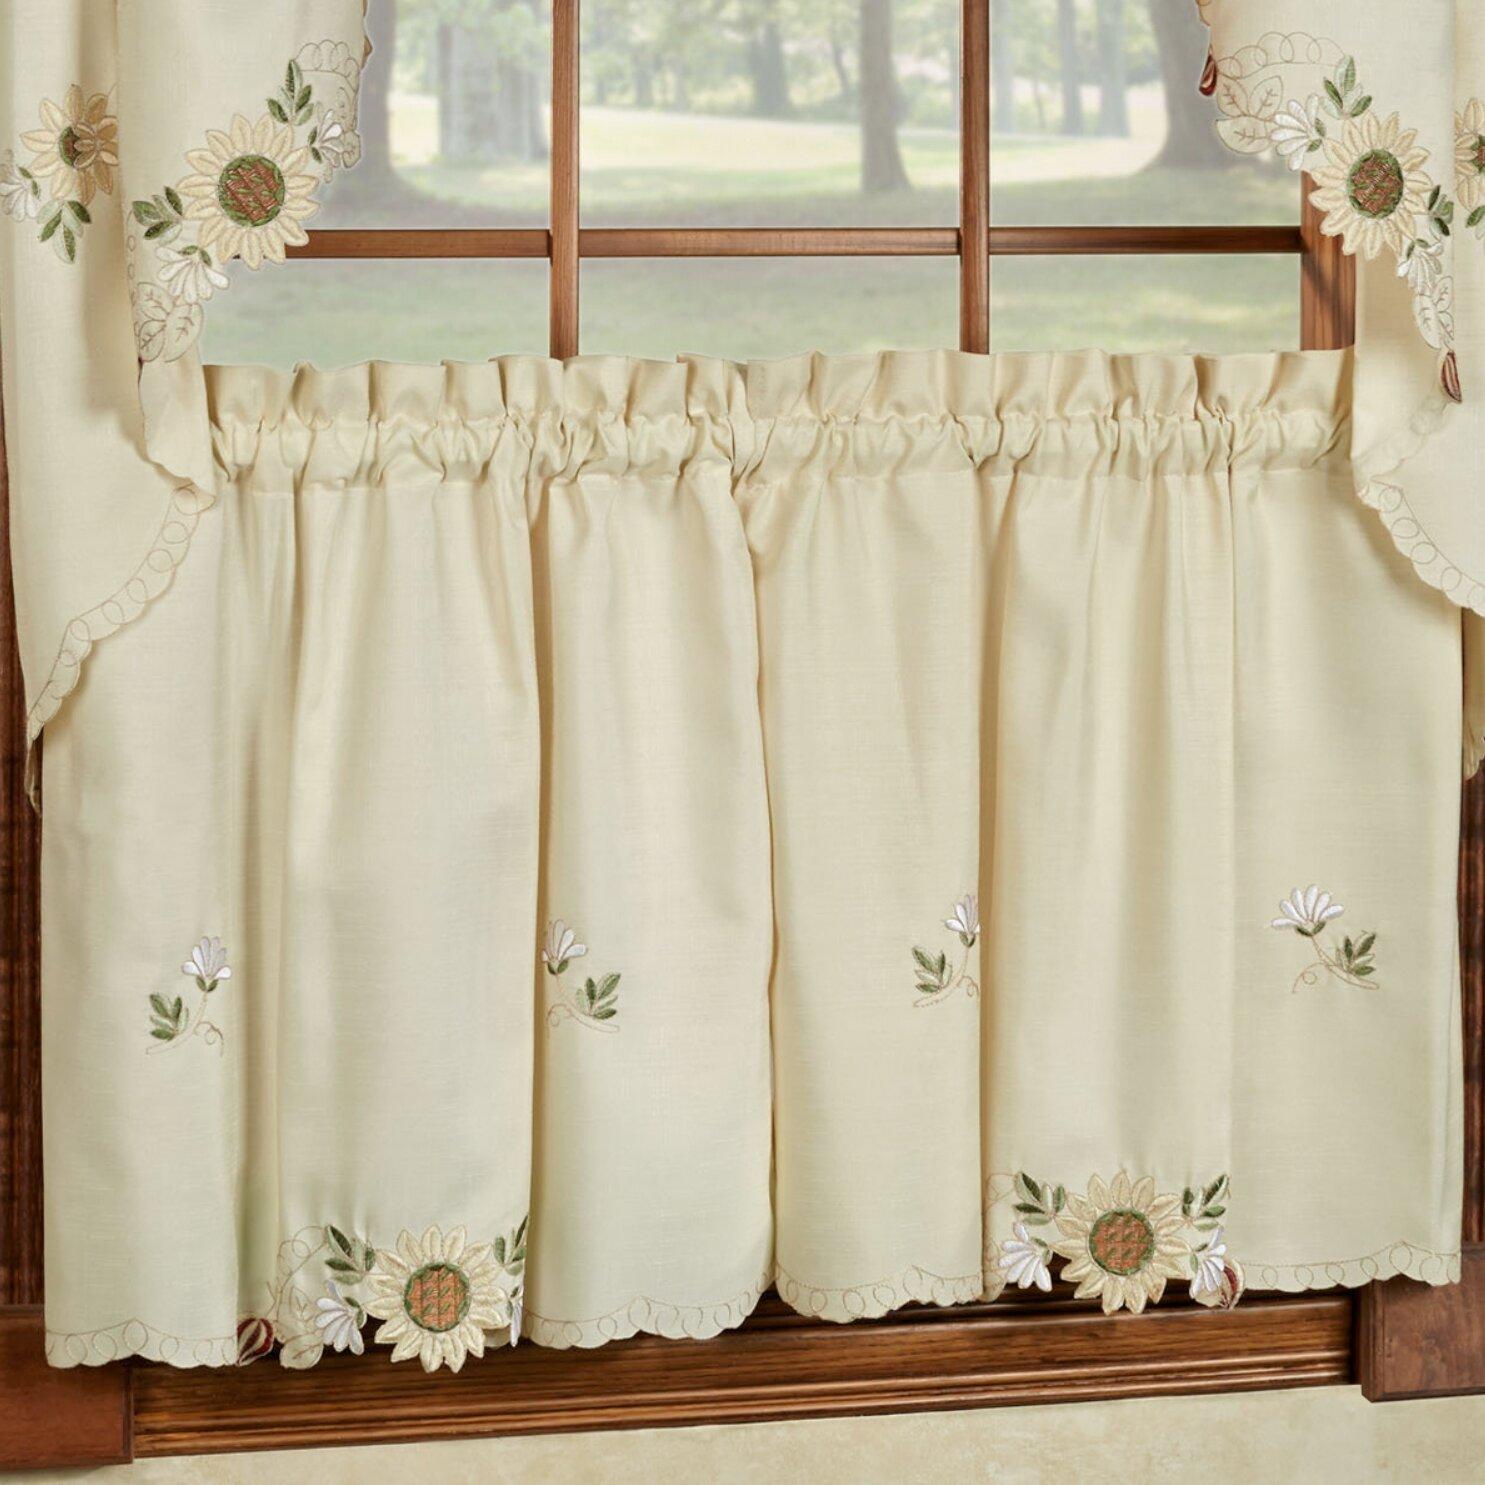 Sunflower Embroidered Kitchen Tier Curtain